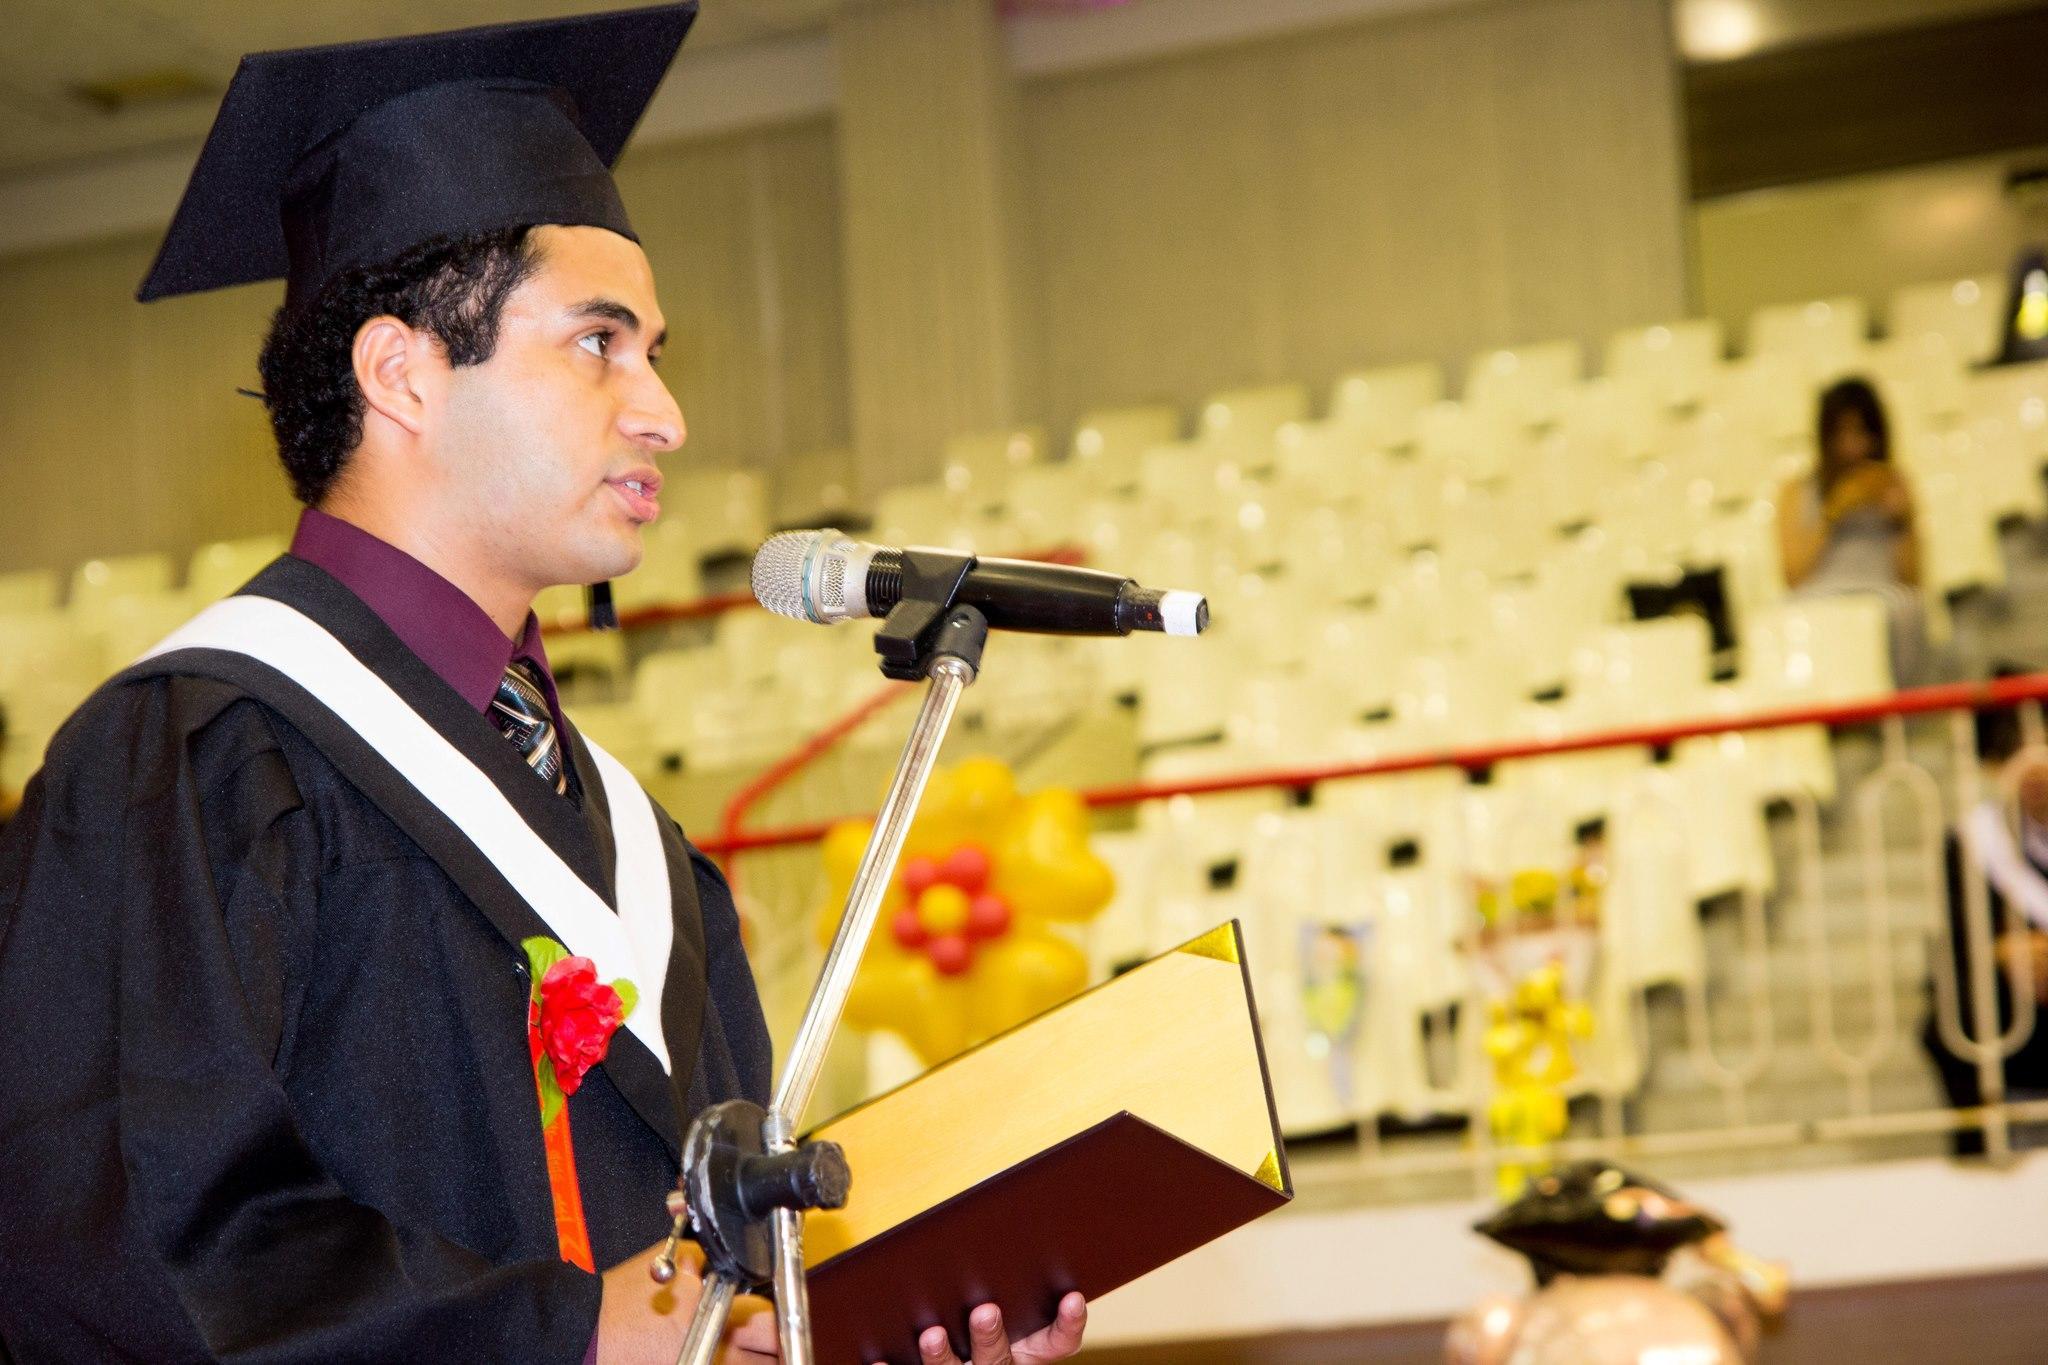 Él estudió las ingenierías de mecánica y electrónica al mismo tiempo porque la beca solo le cubría cuatro años a nivel de licenciatura (Foto: Cortesía Ángel Menéndez)